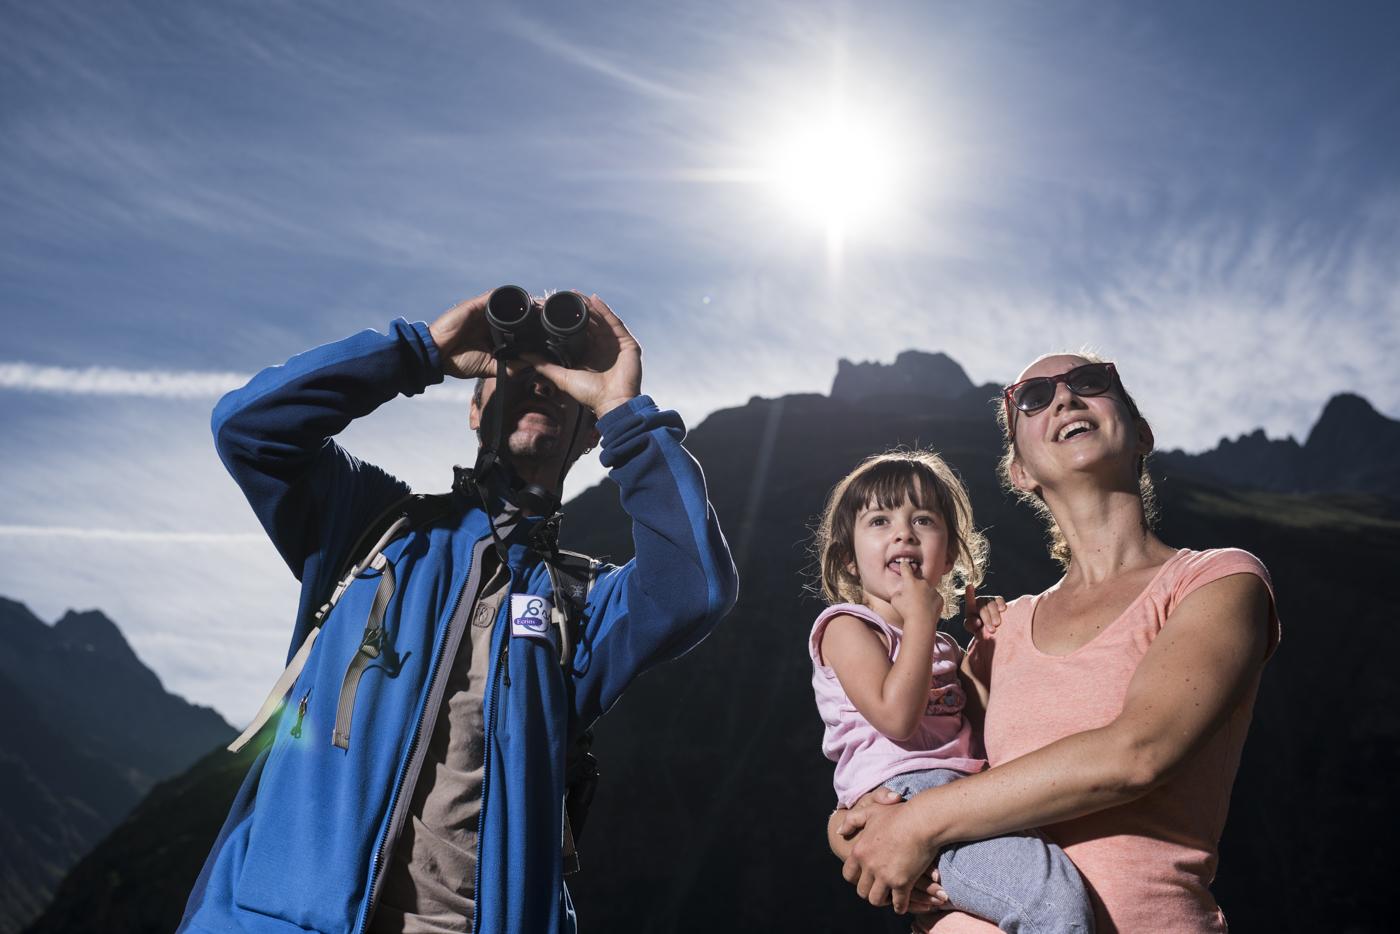 Groupe-en-observation-Saint-Christophe-en-Oisans-©-Carlos-Ayesta-Parc-National-des-Ecrins-134